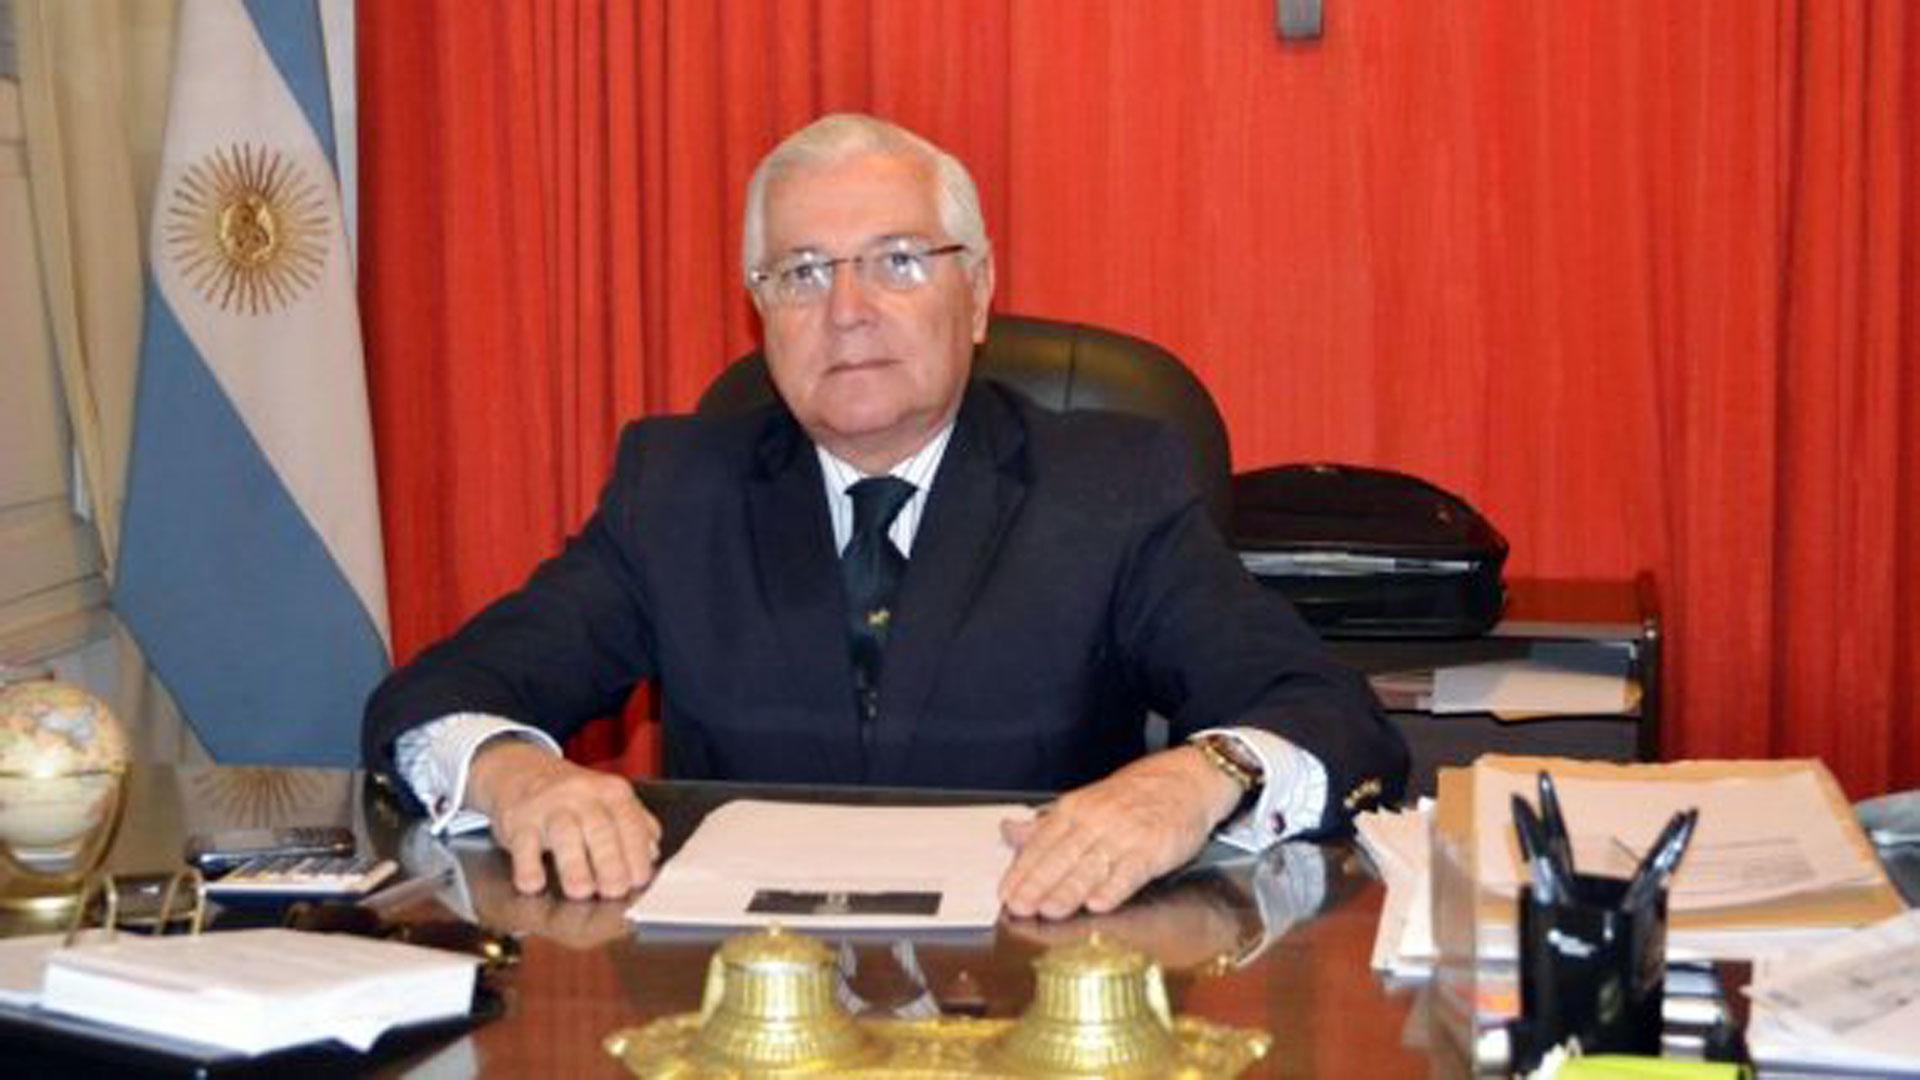 El juez Soto Dávila está acusado de beneficiar a los narcopolíticos de Itatí